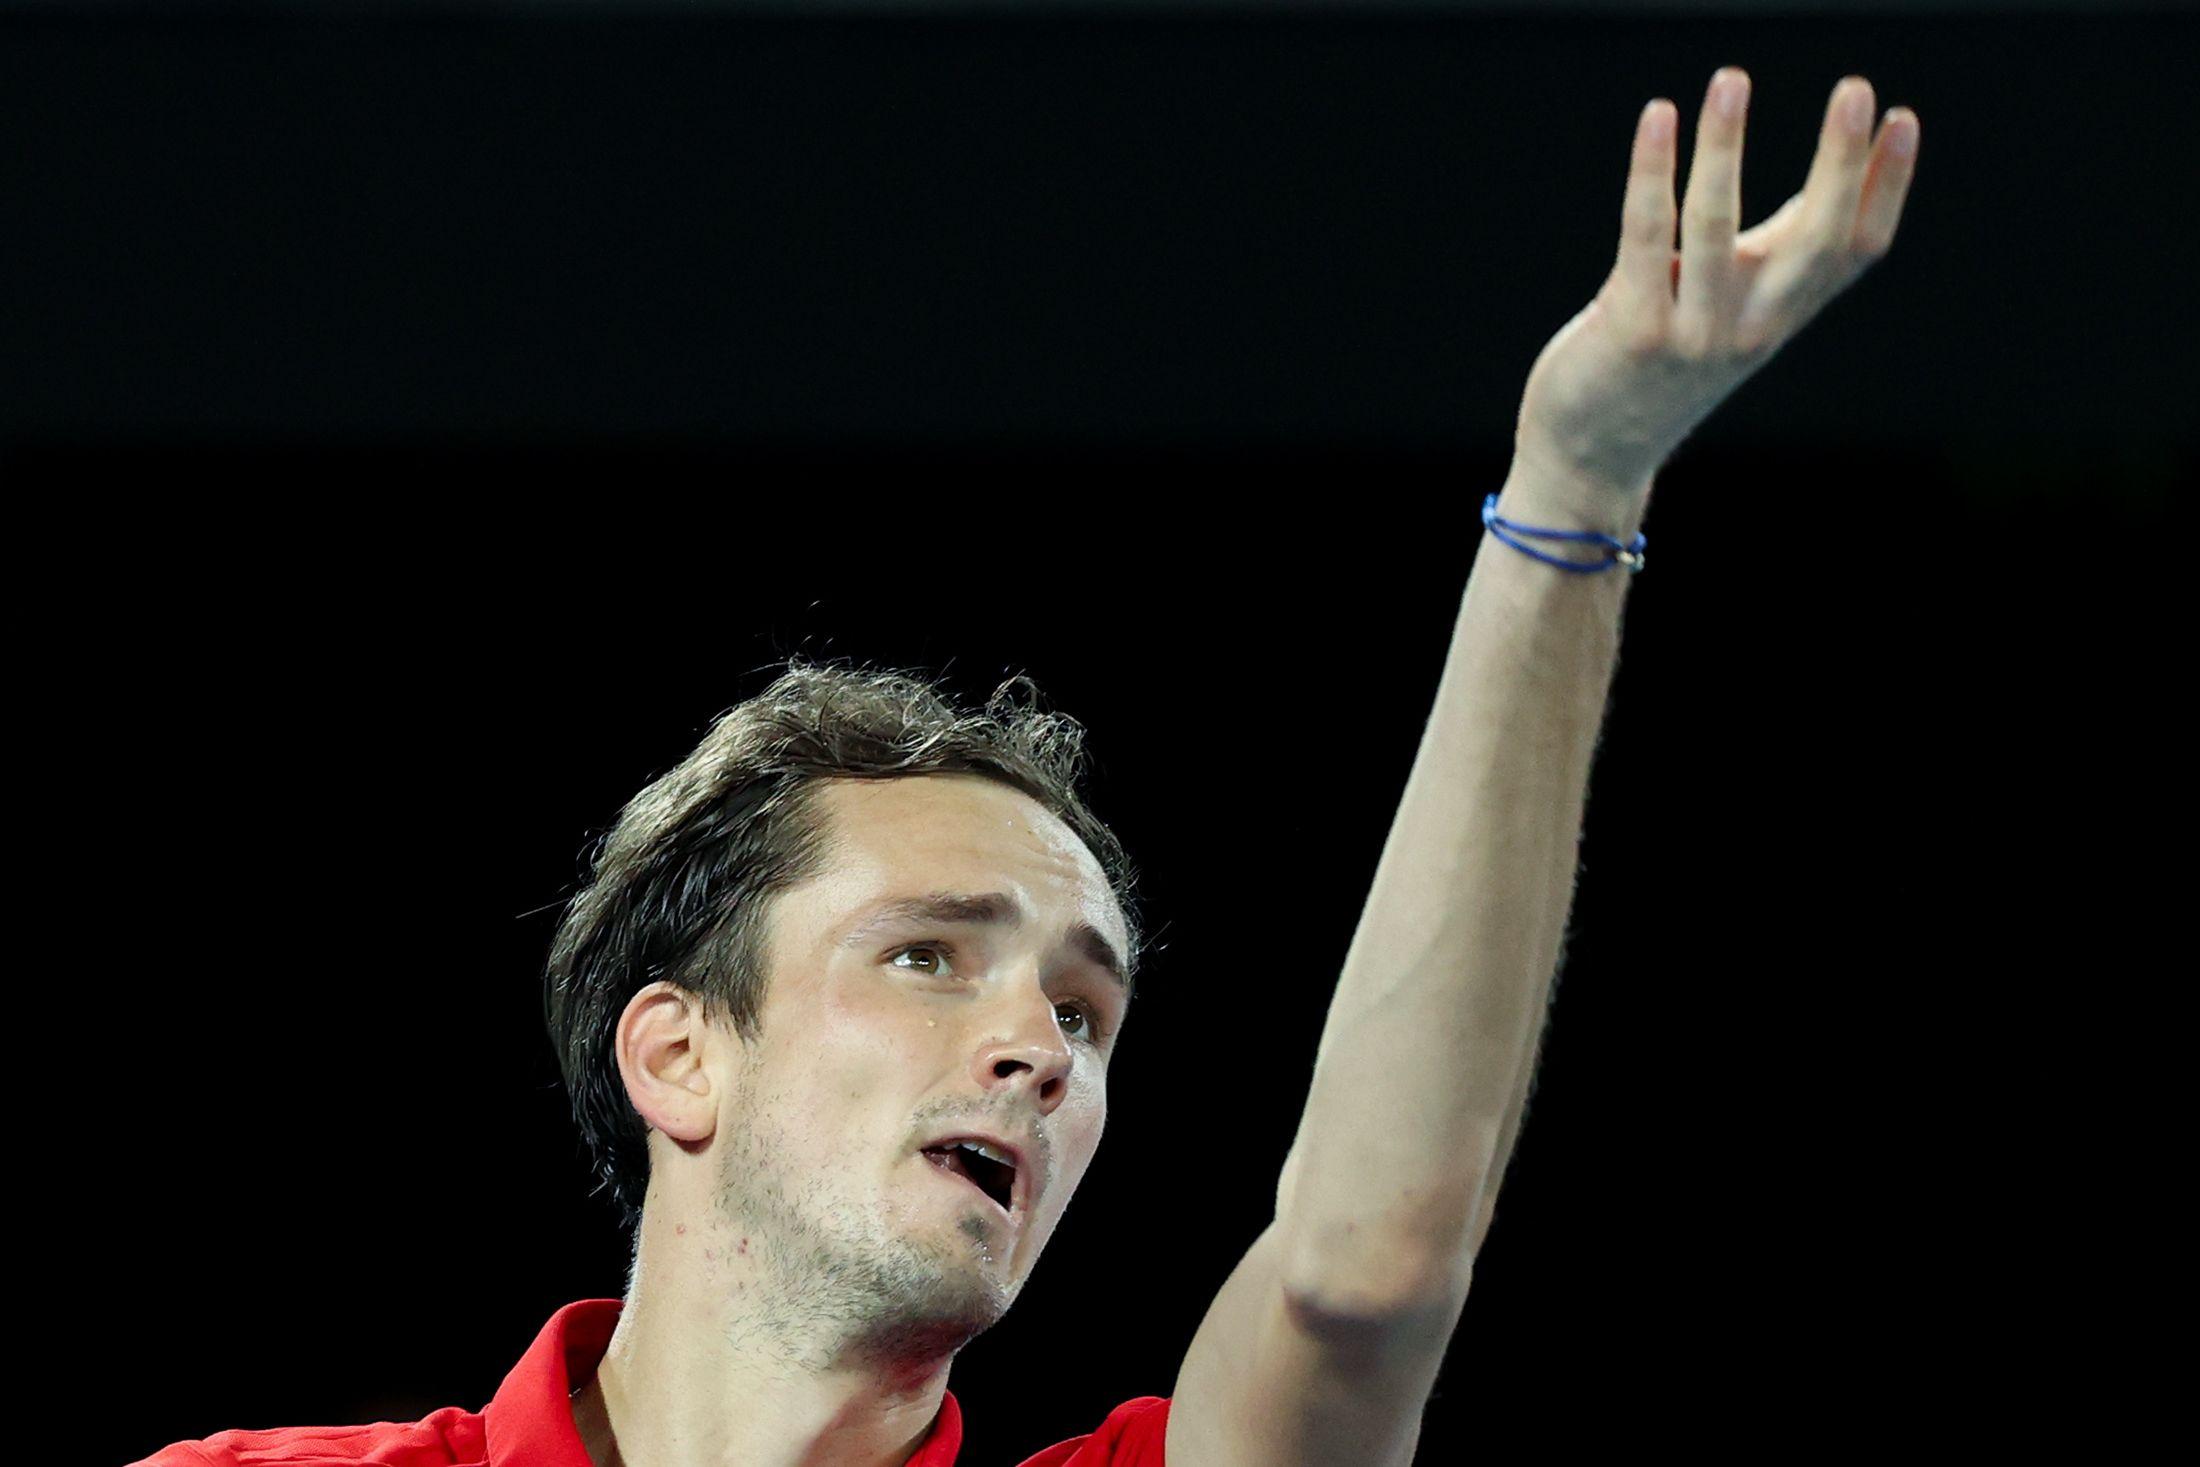 Медведев рассказал, как отпразднует День рождения на Australian Open